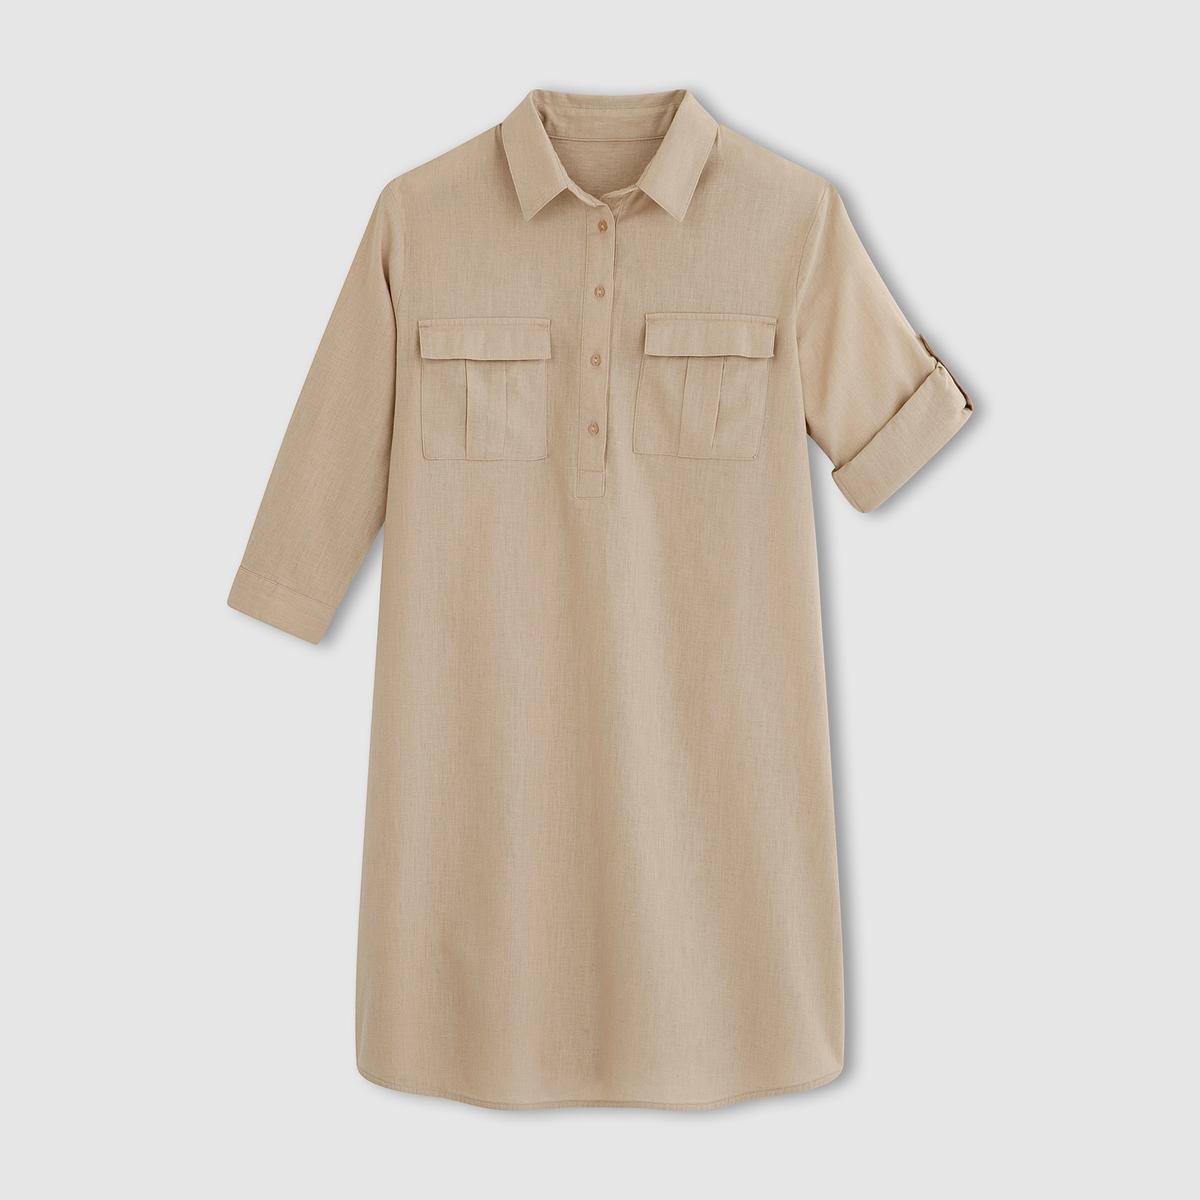 Платье из льна и хлопкаПлатье.  53% льна, 47% хлопка.  Рубашечный воротник с планкой застежки на пуговицы. 2 кармана с клапаном спереди. Длинные рукава с отворотами и планкой застежки на пуговицу. Закругленный низ. Длина ок.87 см.<br><br>Цвет: белый,серо-бежевый,синий морской<br>Размер: 42 (FR) - 48 (RUS).34 (FR) - 40 (RUS).34 (FR) - 40 (RUS).50 (FR) - 56 (RUS).34 (FR) - 40 (RUS)